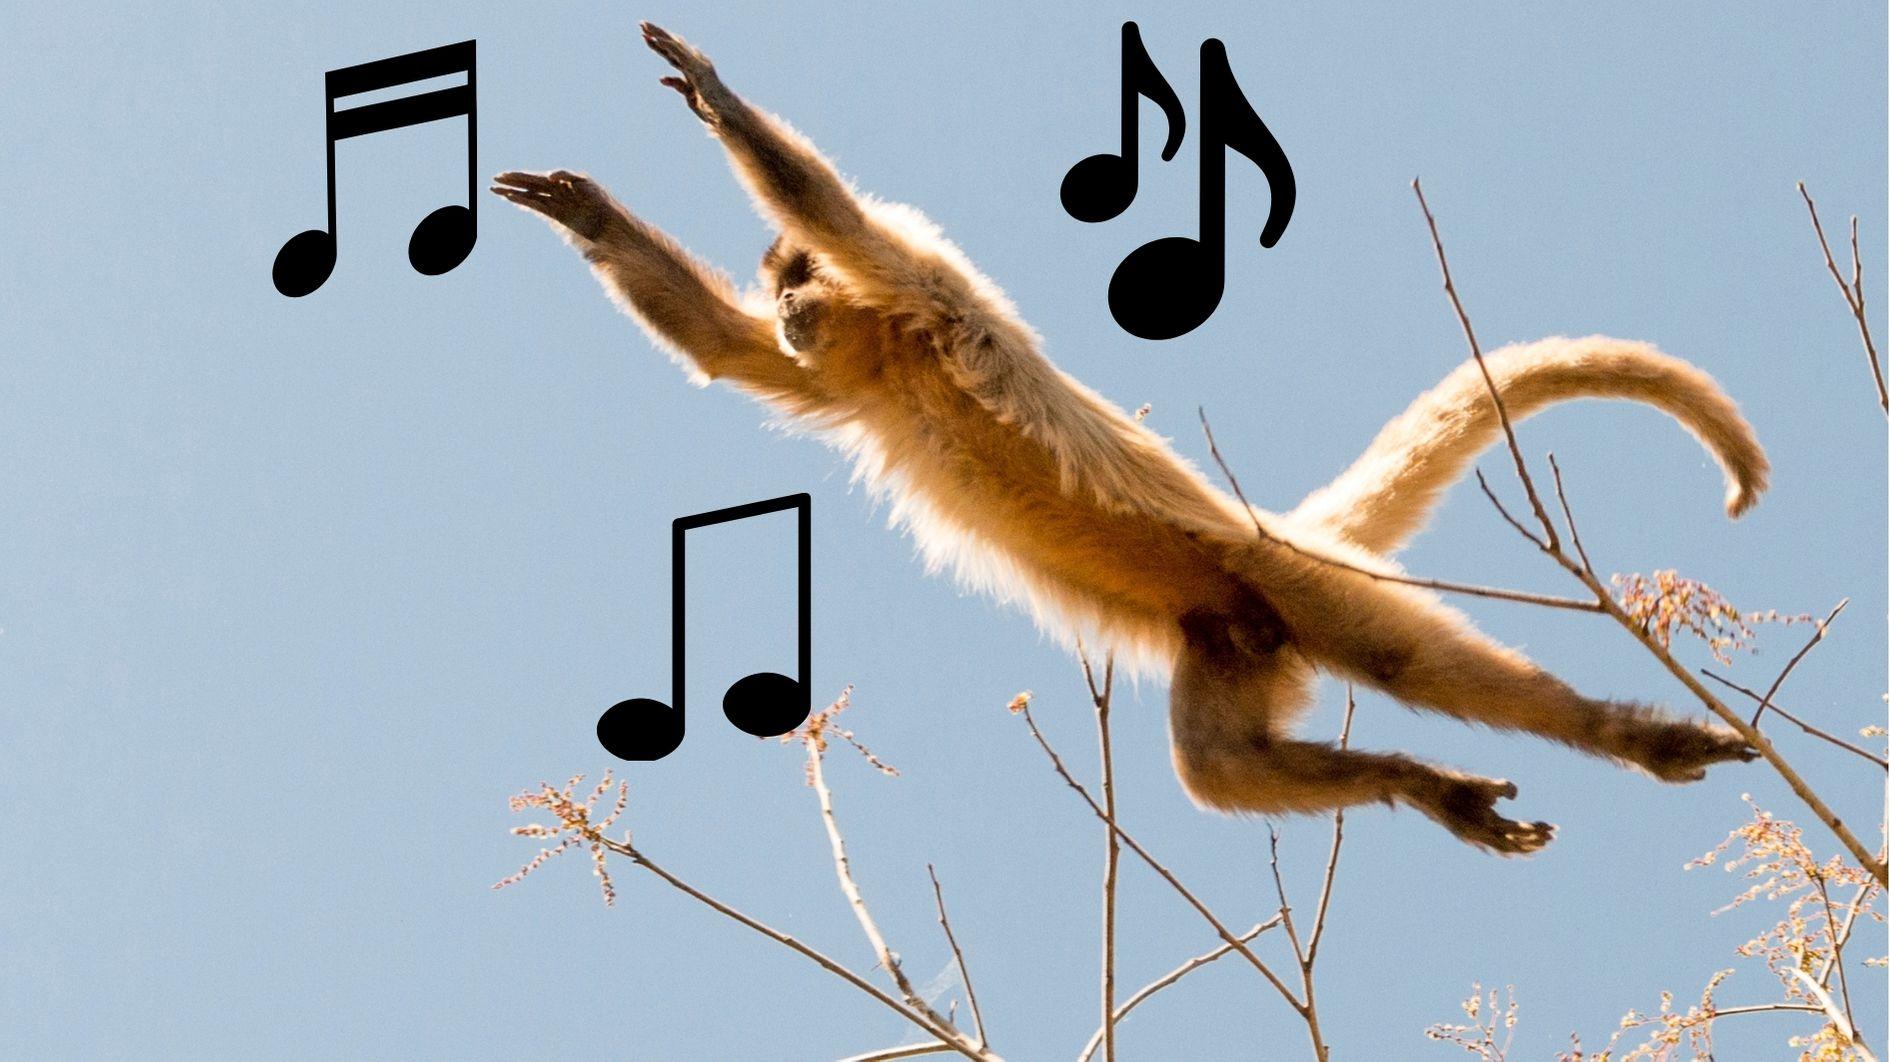 音楽の起源はサルの木から木へのジャンプだった